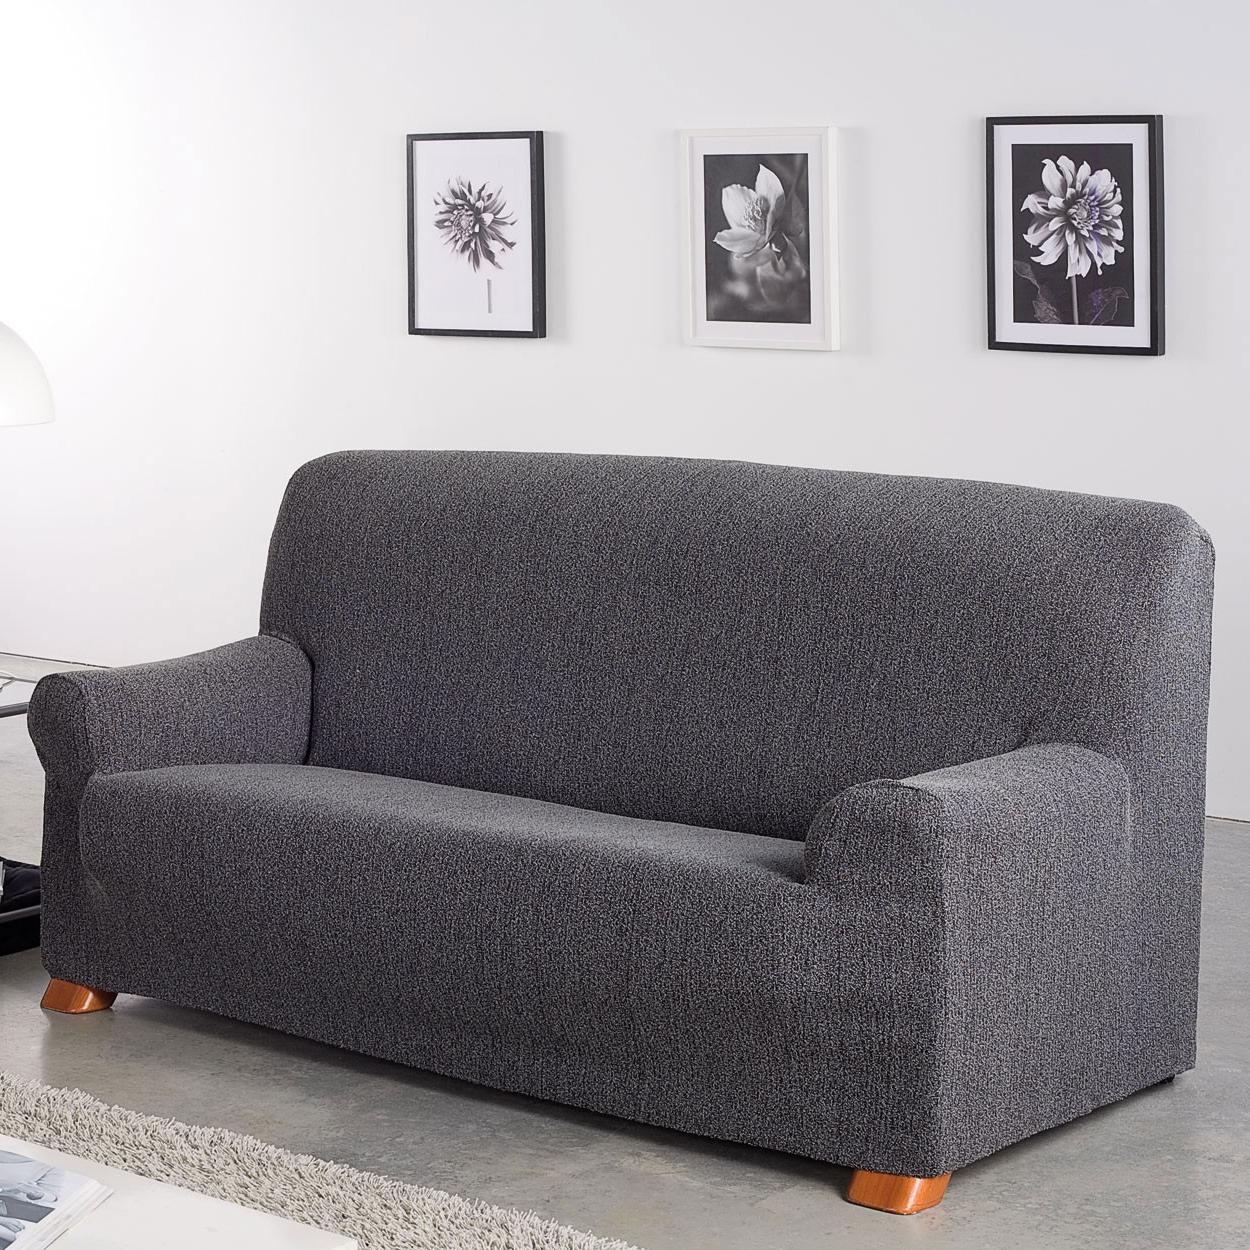 Funda sofa Gris Y7du Funda sofà Elà Stica atlas